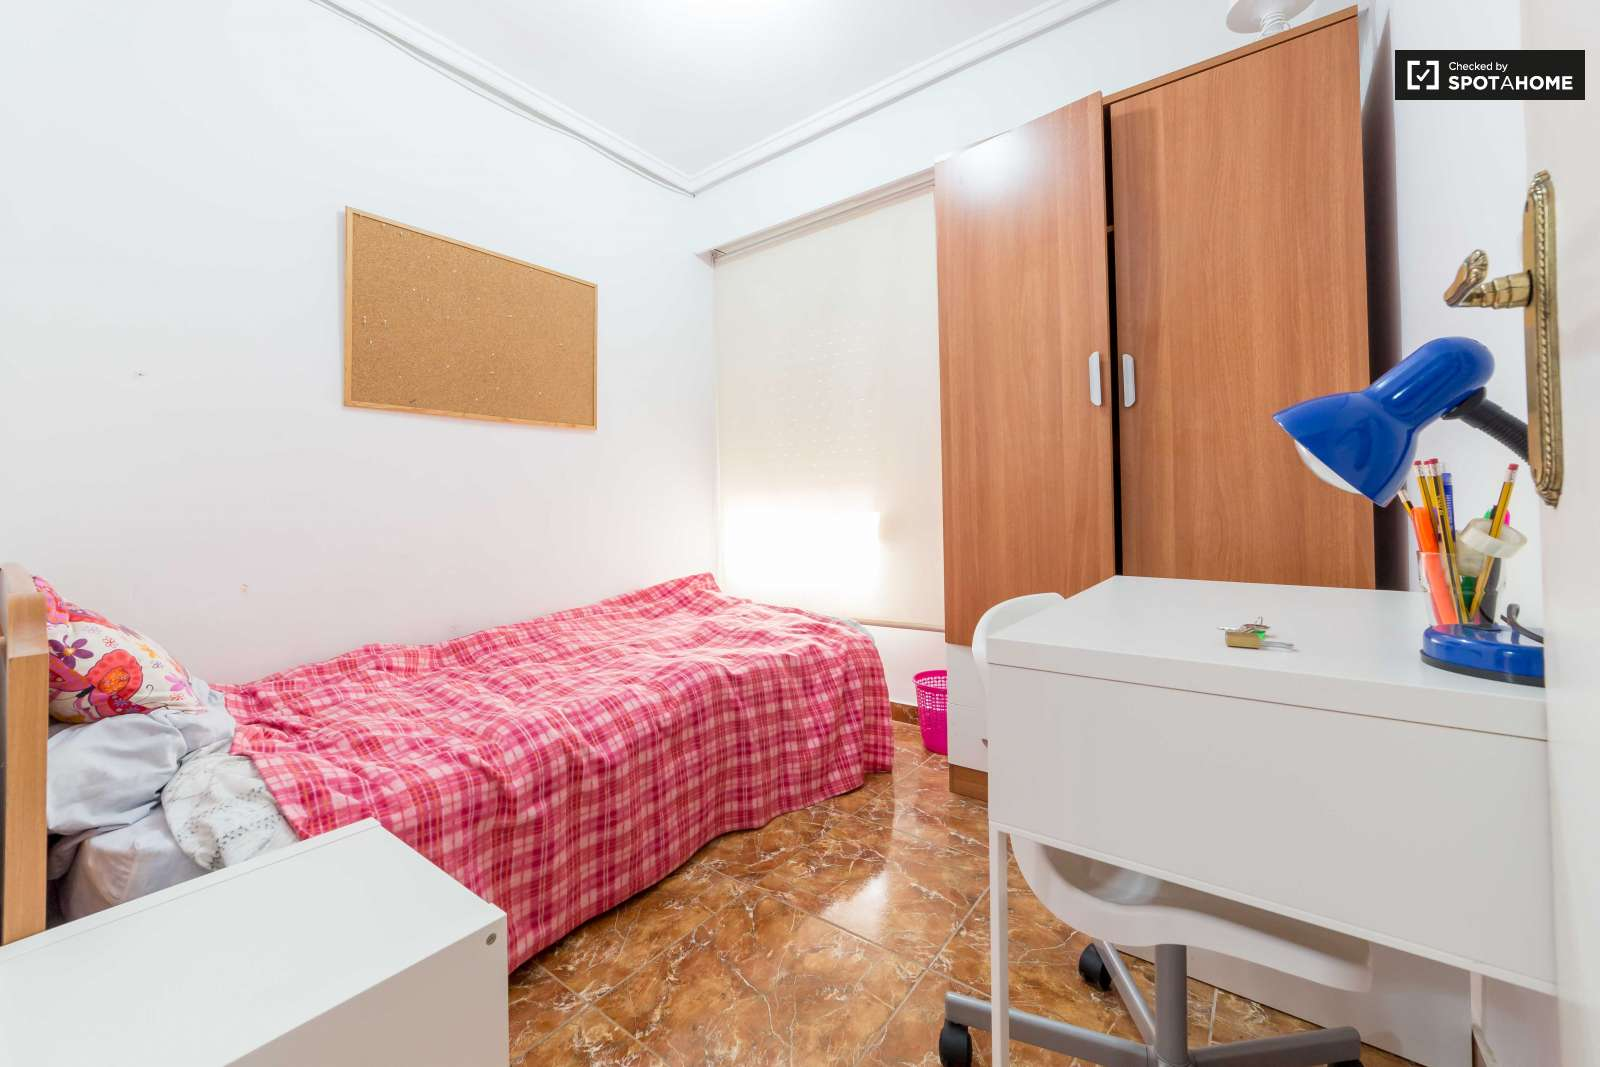 Habitaci n amueblada en piso de 4 habitaciones en algir s for Piso 4 habitaciones valencia